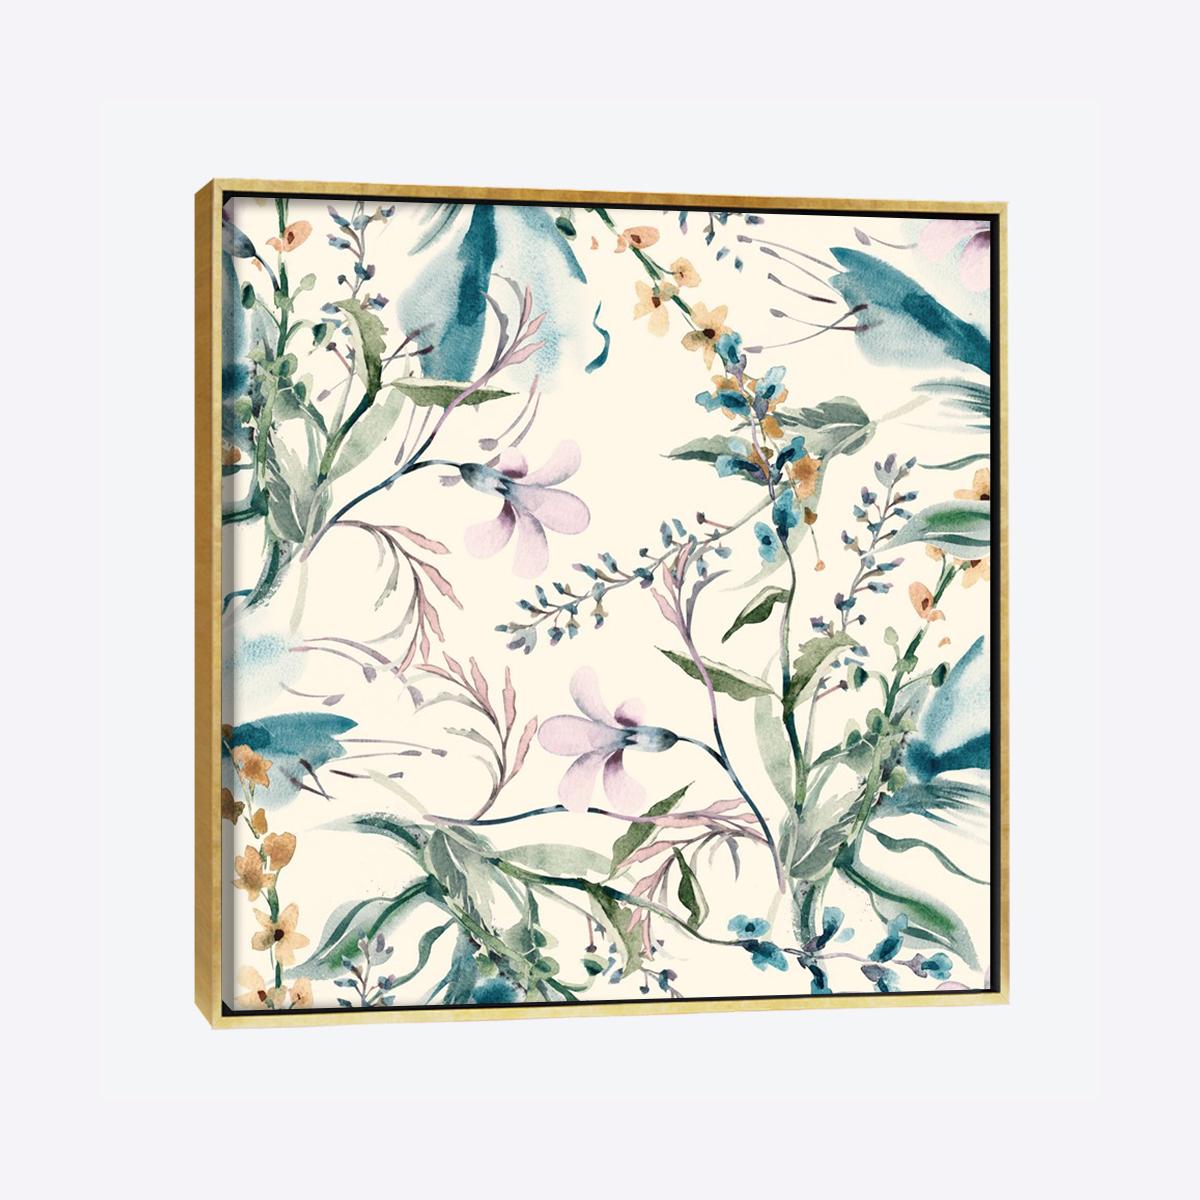 لوحات جدارية - حبال من الورود متعددة الألوان - لوحات جدارية - لوحات فنية مميزة - لوحة حائط مفعمة بألوان الأزهار والروح الطبيعية التي تبعثها لوحات الأزهار الفنية حيث تعطي سلام وذوق رفيع يتناسب مع جميع أثاثكم